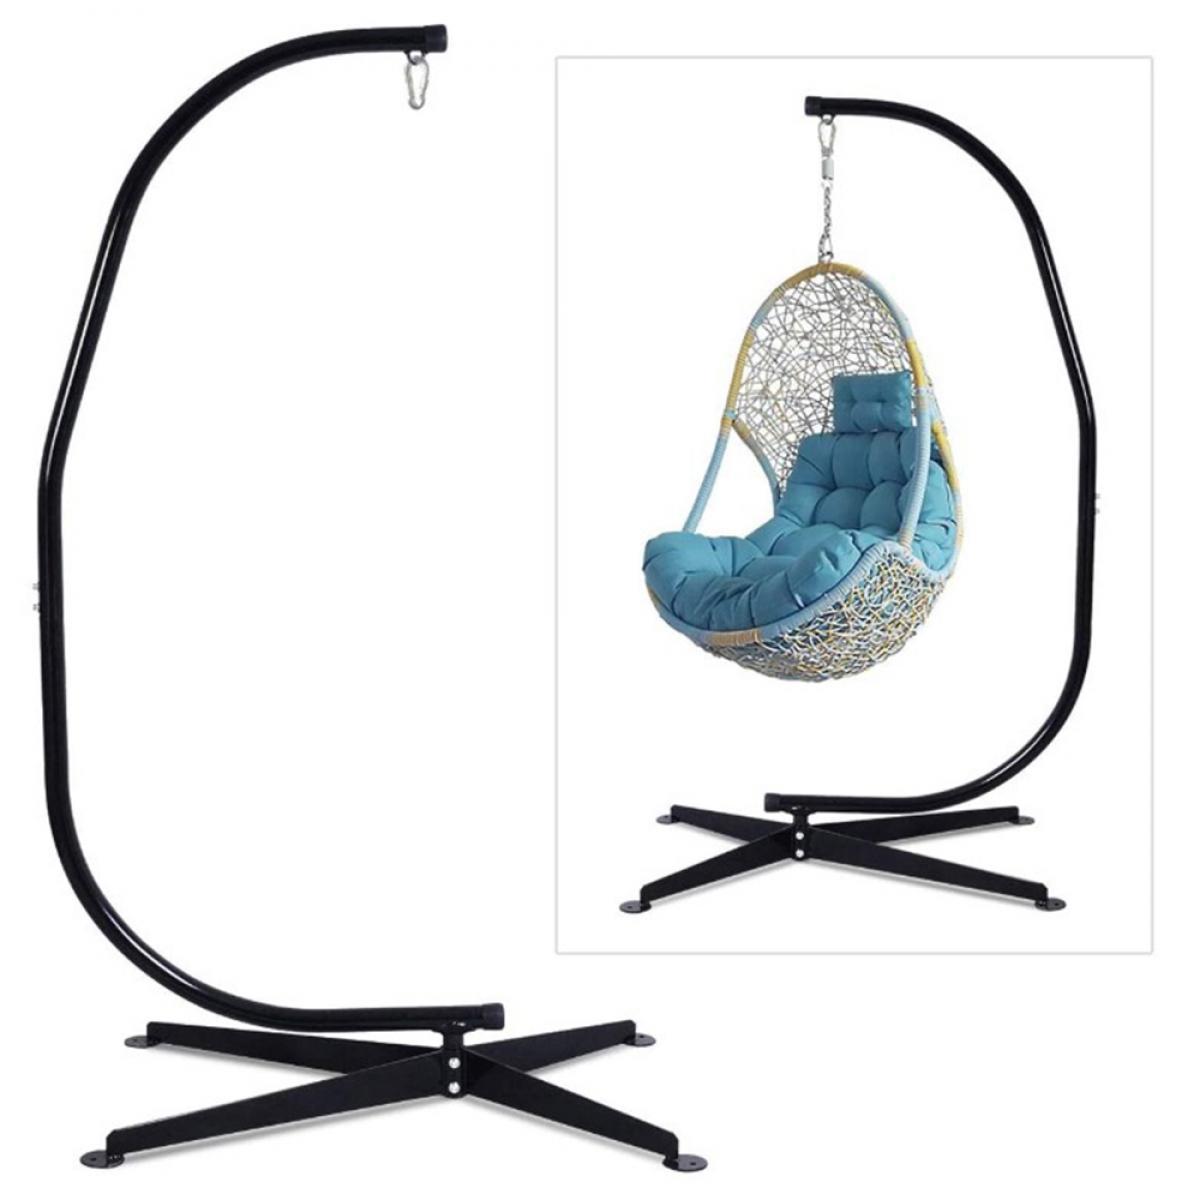 Ltppstore Support pour fauteuil suspendu 205cm Soutien en acier pour accrocher balancelle et chaises suspendues poids max 150kg mé